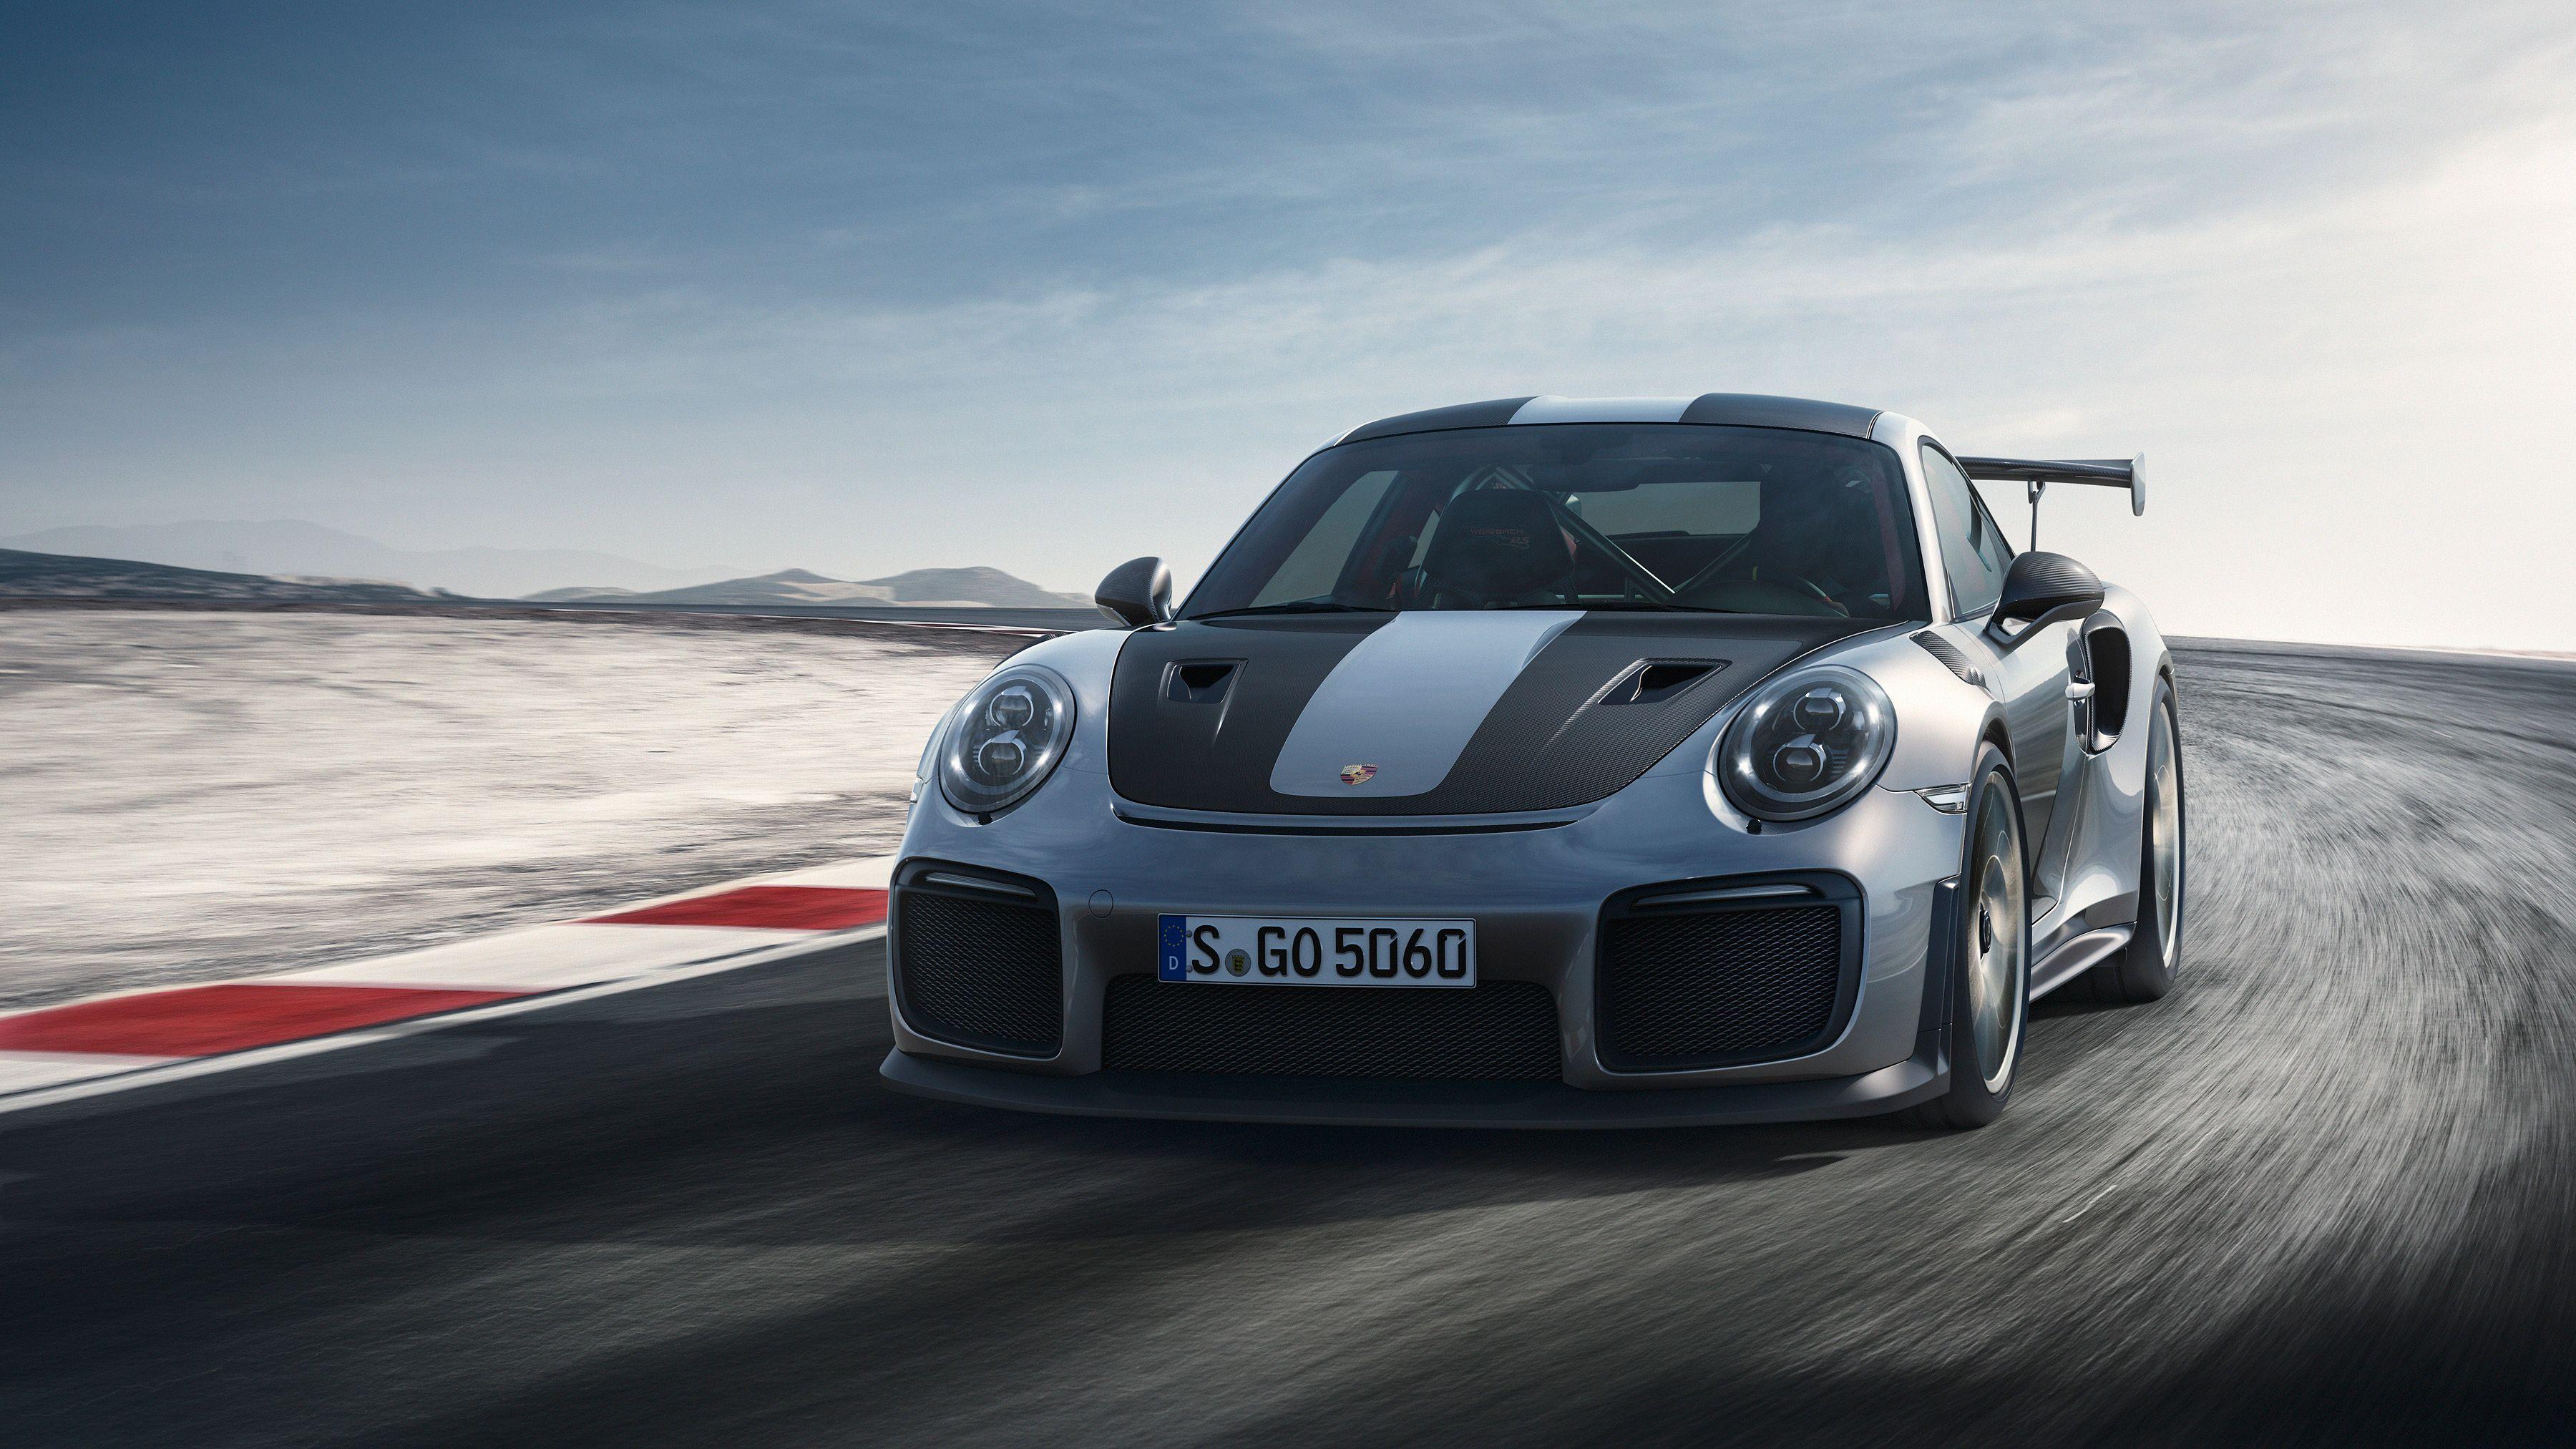 Porsche Gt2 Rs Hd Wallpapers Wallpaper Cave